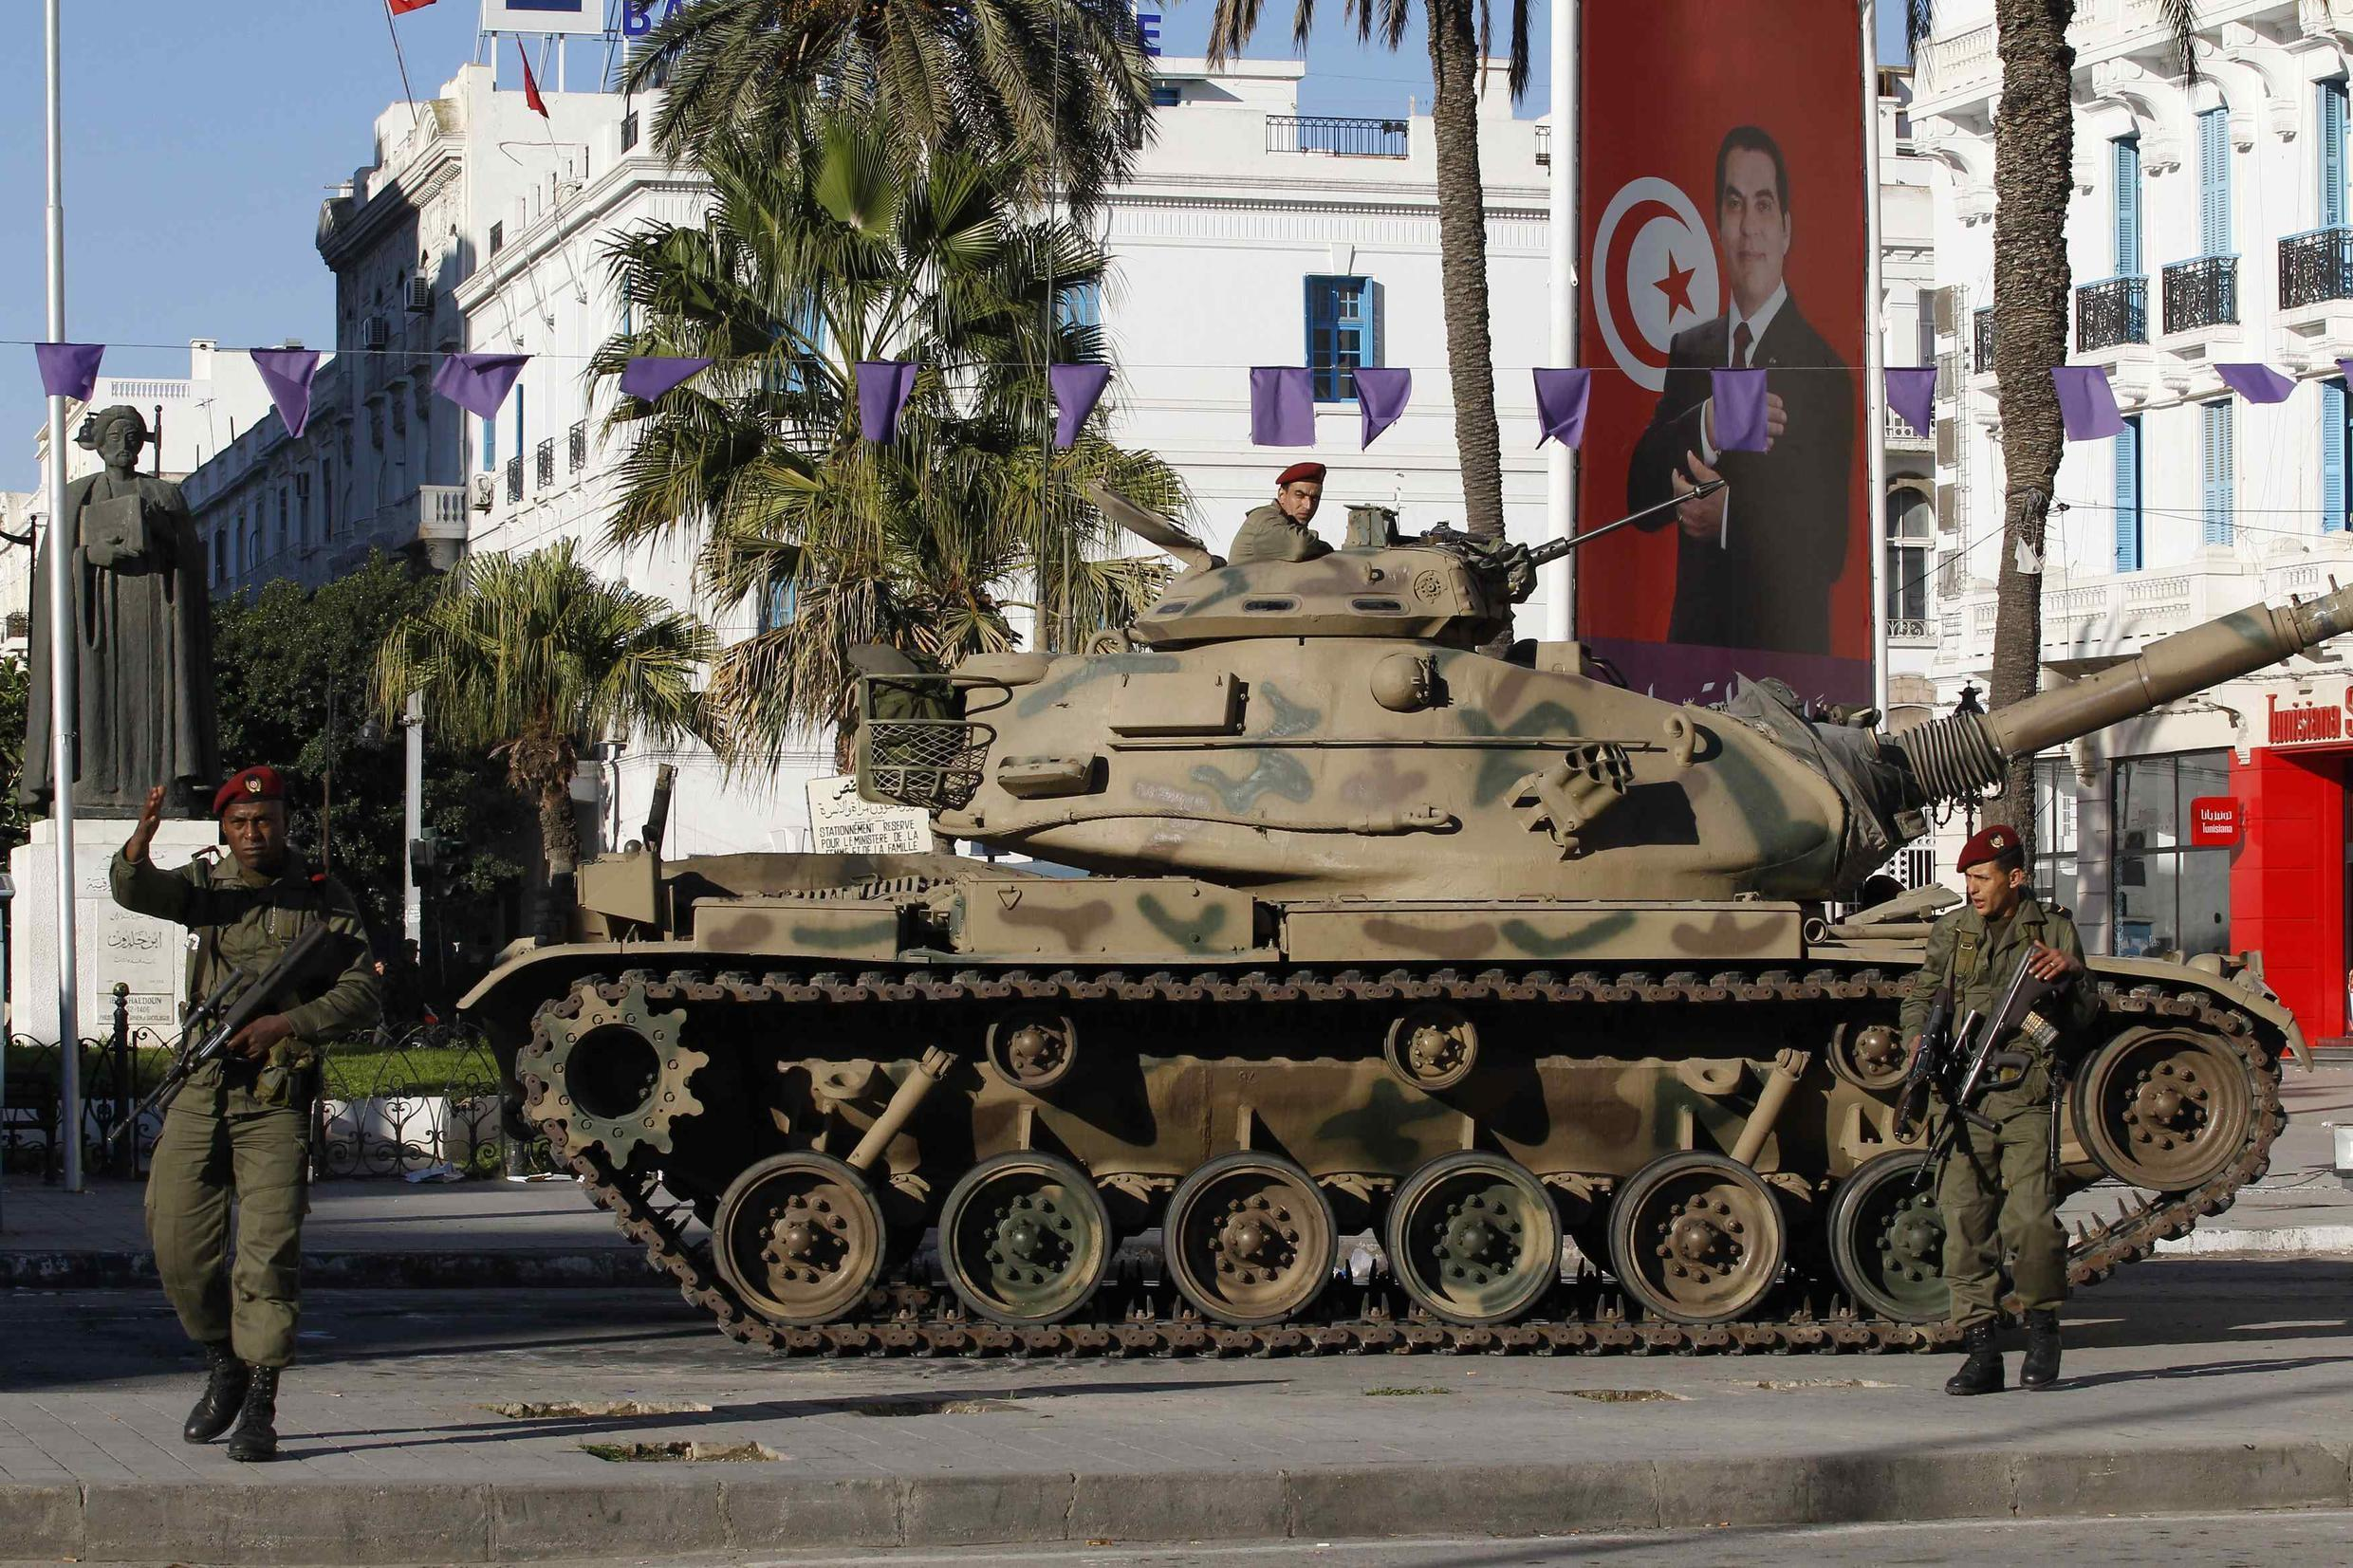 突尼斯内乱警民冲突首都街上坦克戒备2011-1-15